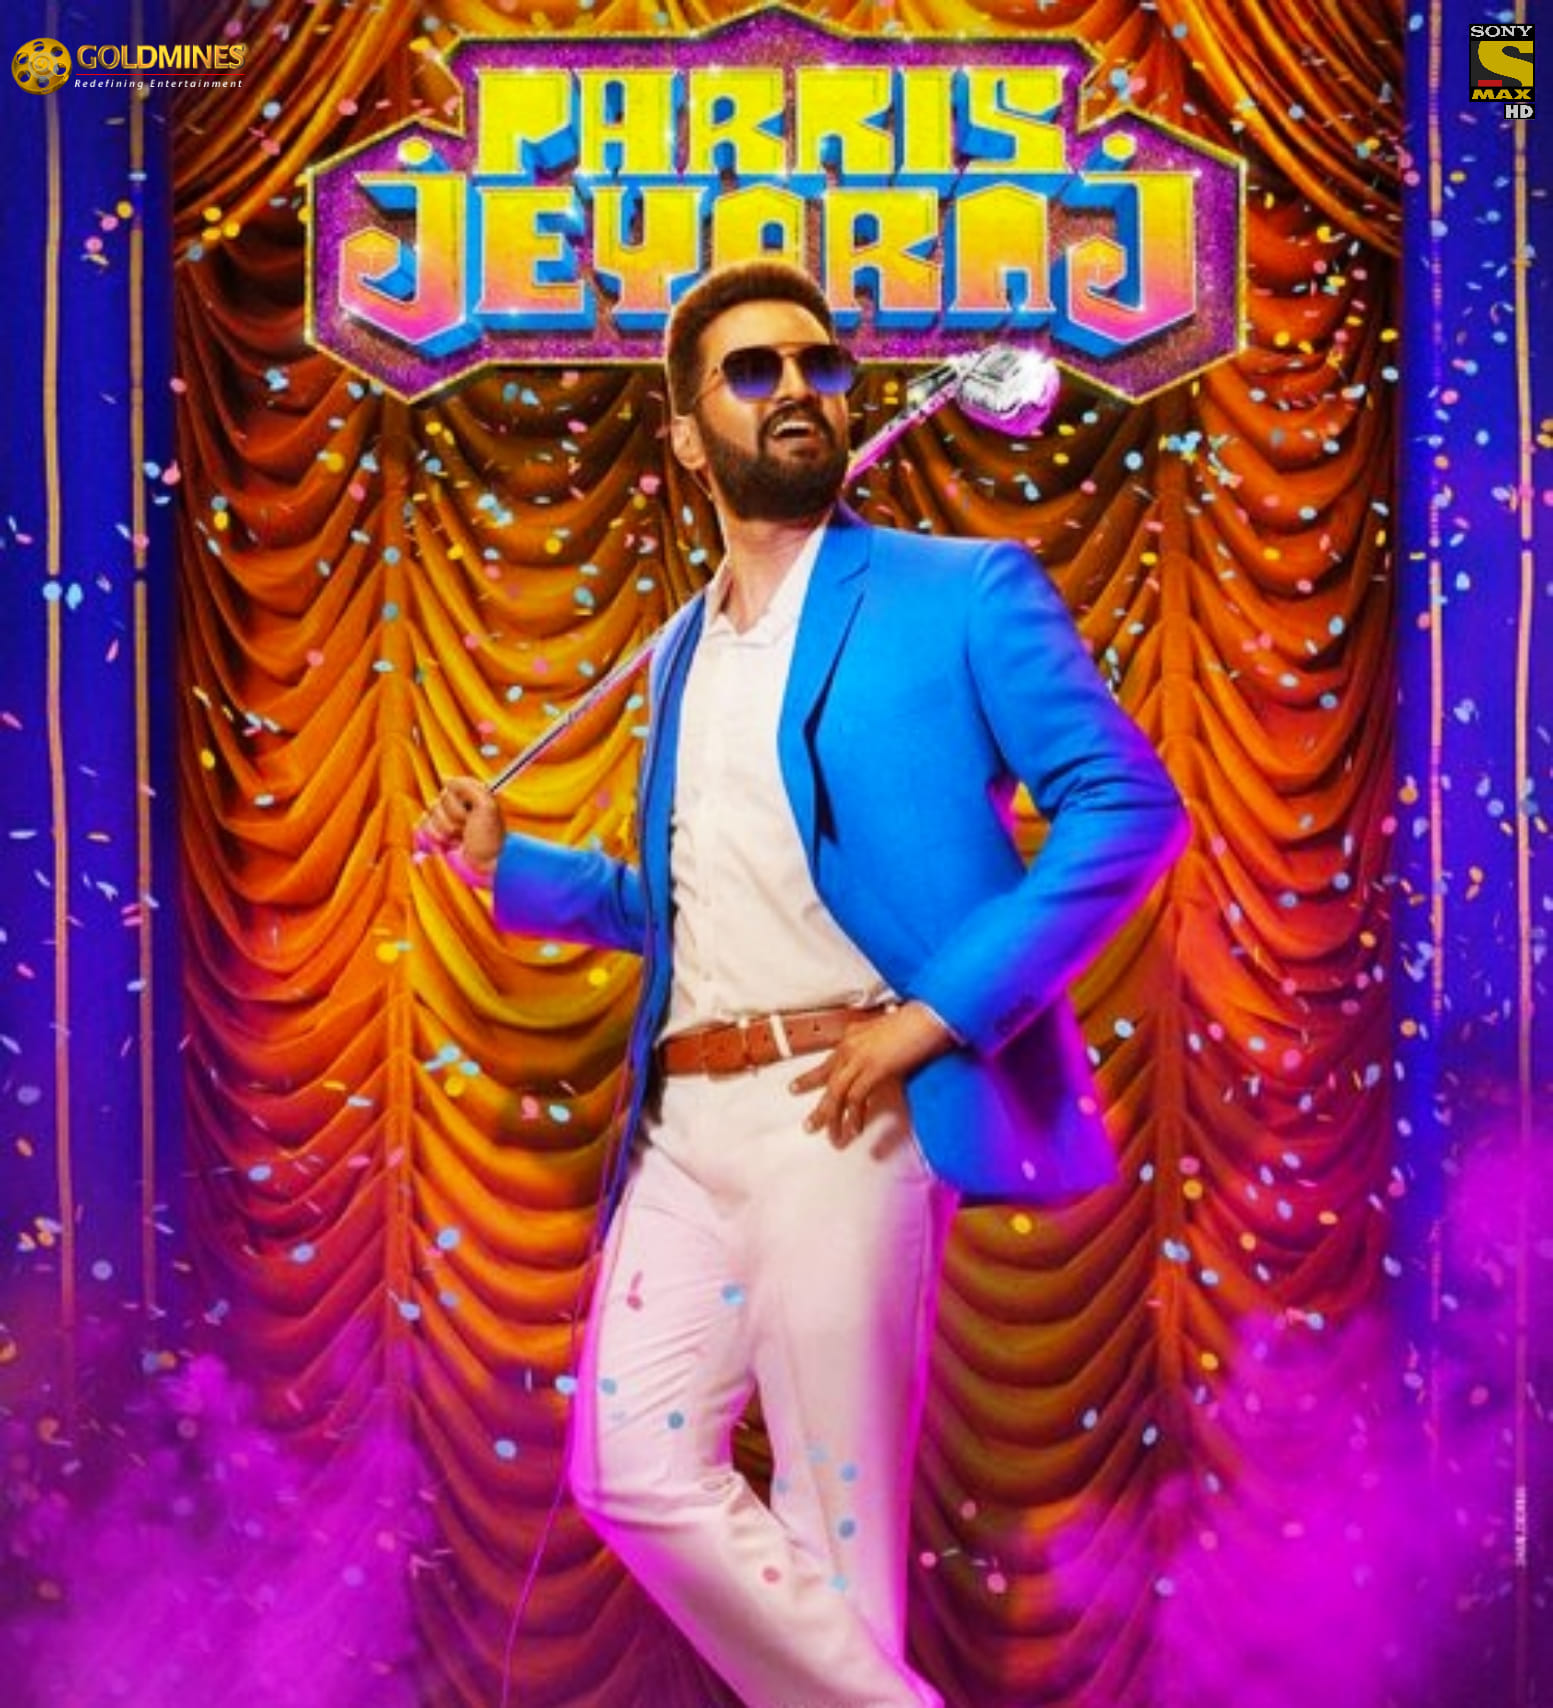 Parris Jeyaraj (2021) Hindi Dubbed ORG 720p HDRip 1.3GB Download